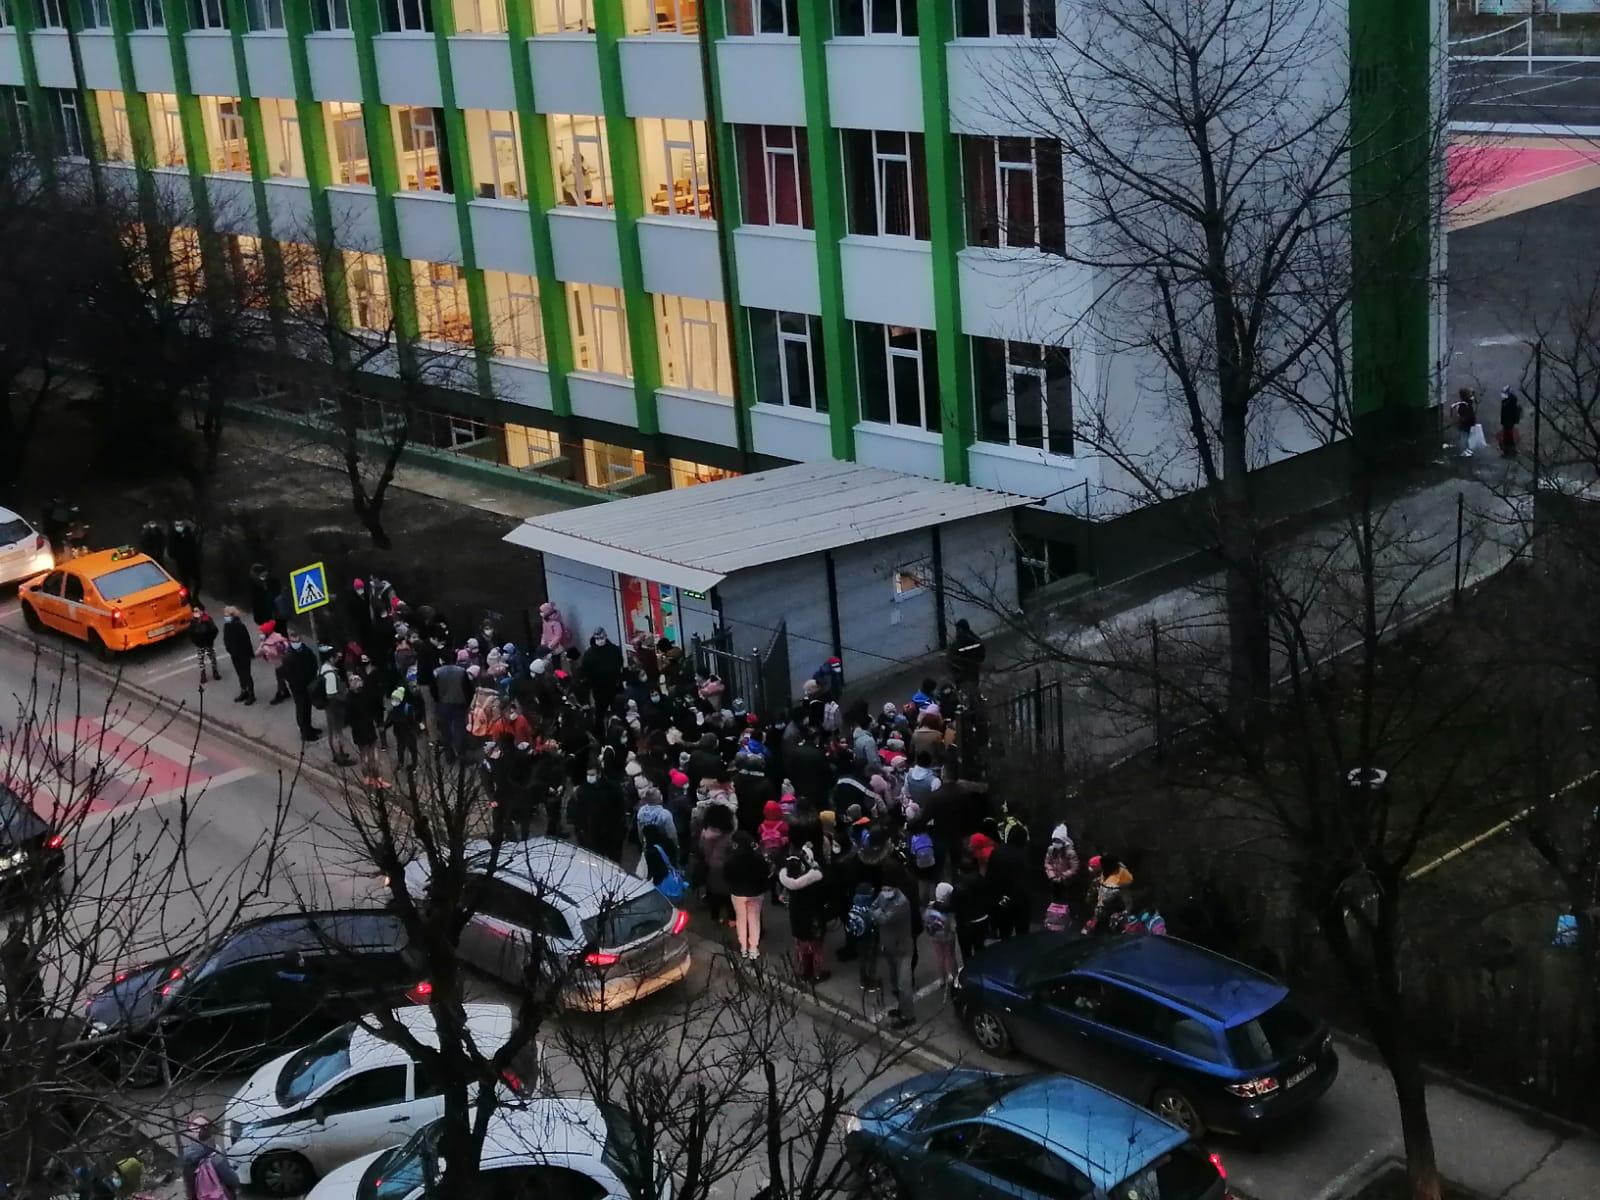 Aproximativ 74% din elevii înscriși în unitățile de învățământ din județul Sibiu s-au prezentat astăzi la școală